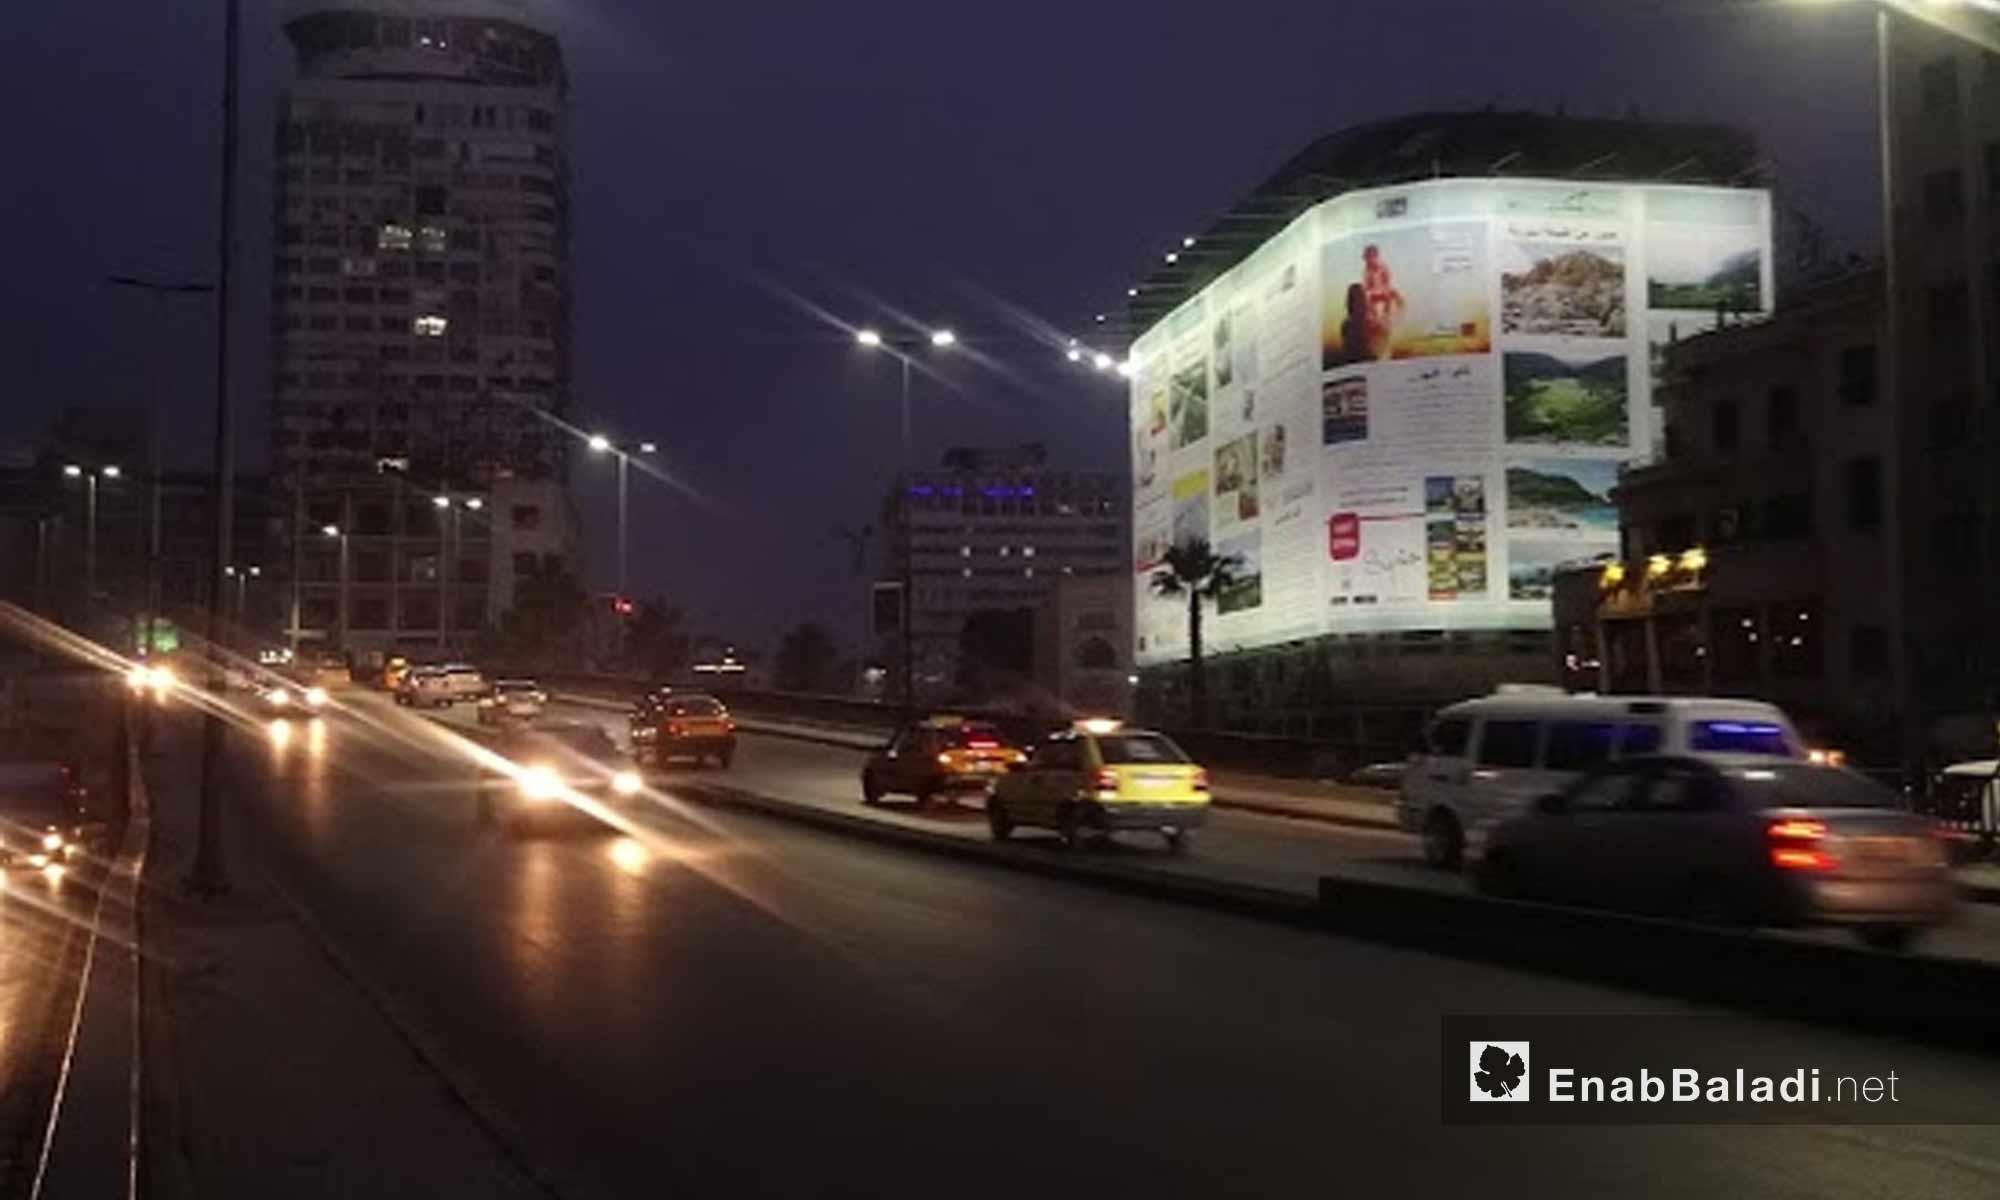 جسر فكتوريا وبرج السوني في وسط العاصمة دمشق- 4 شباط 2018 - (عنب بلدي)